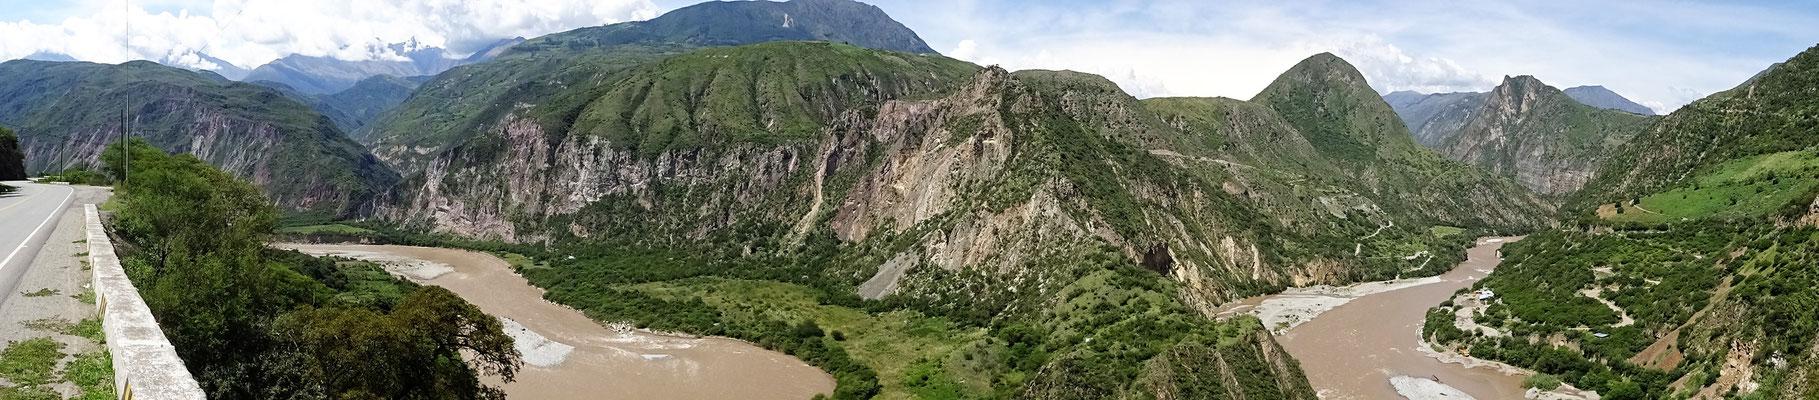 Wie der Horseshoe-Bend am Grand Canyon - nur keine Touristen oder Aussichtsplattformen